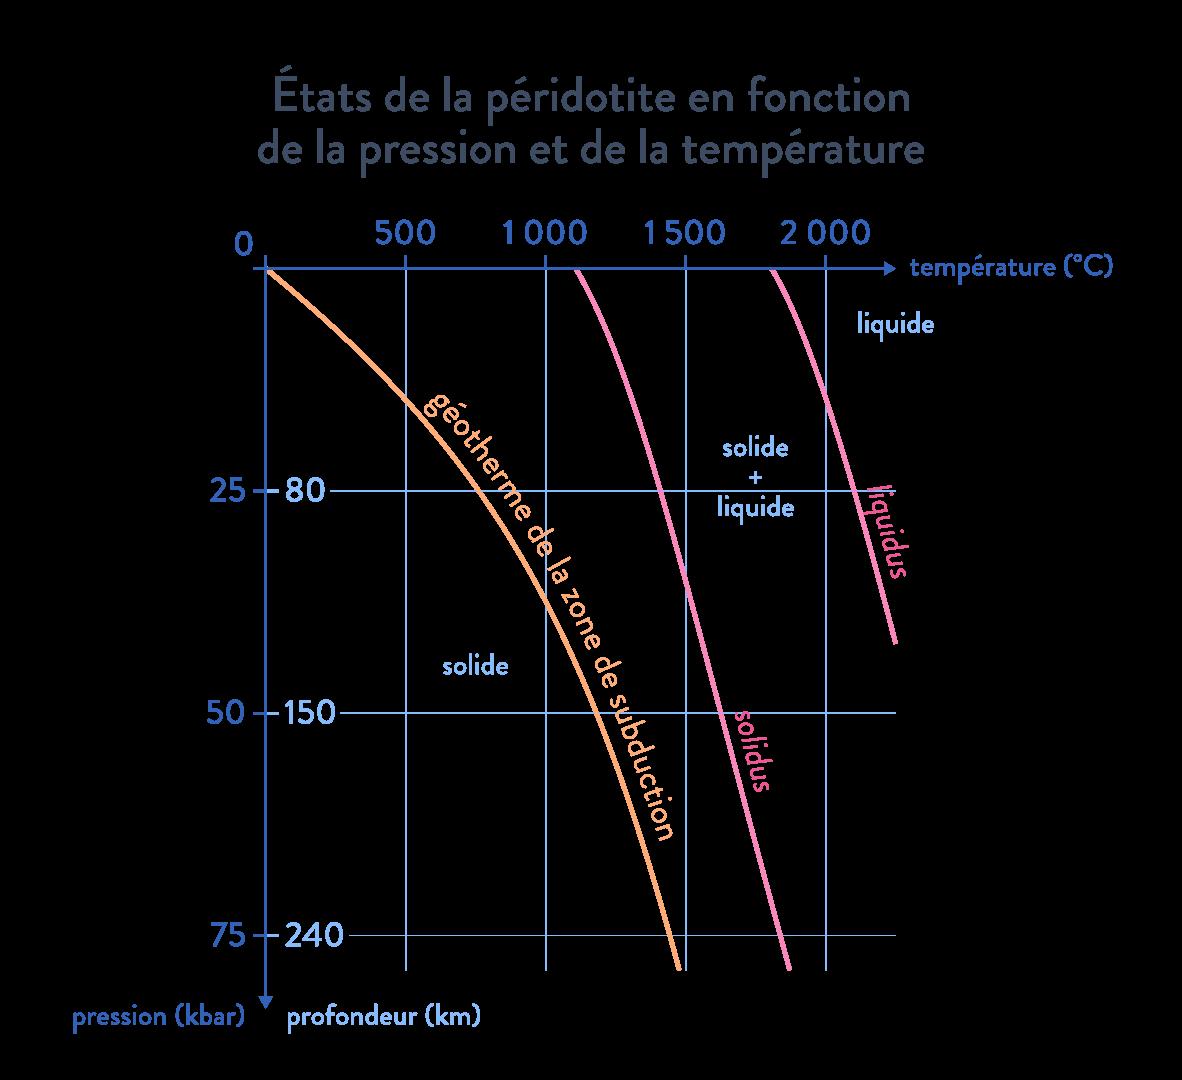 Graphique montrant les états de la péridotite géotherme svt première